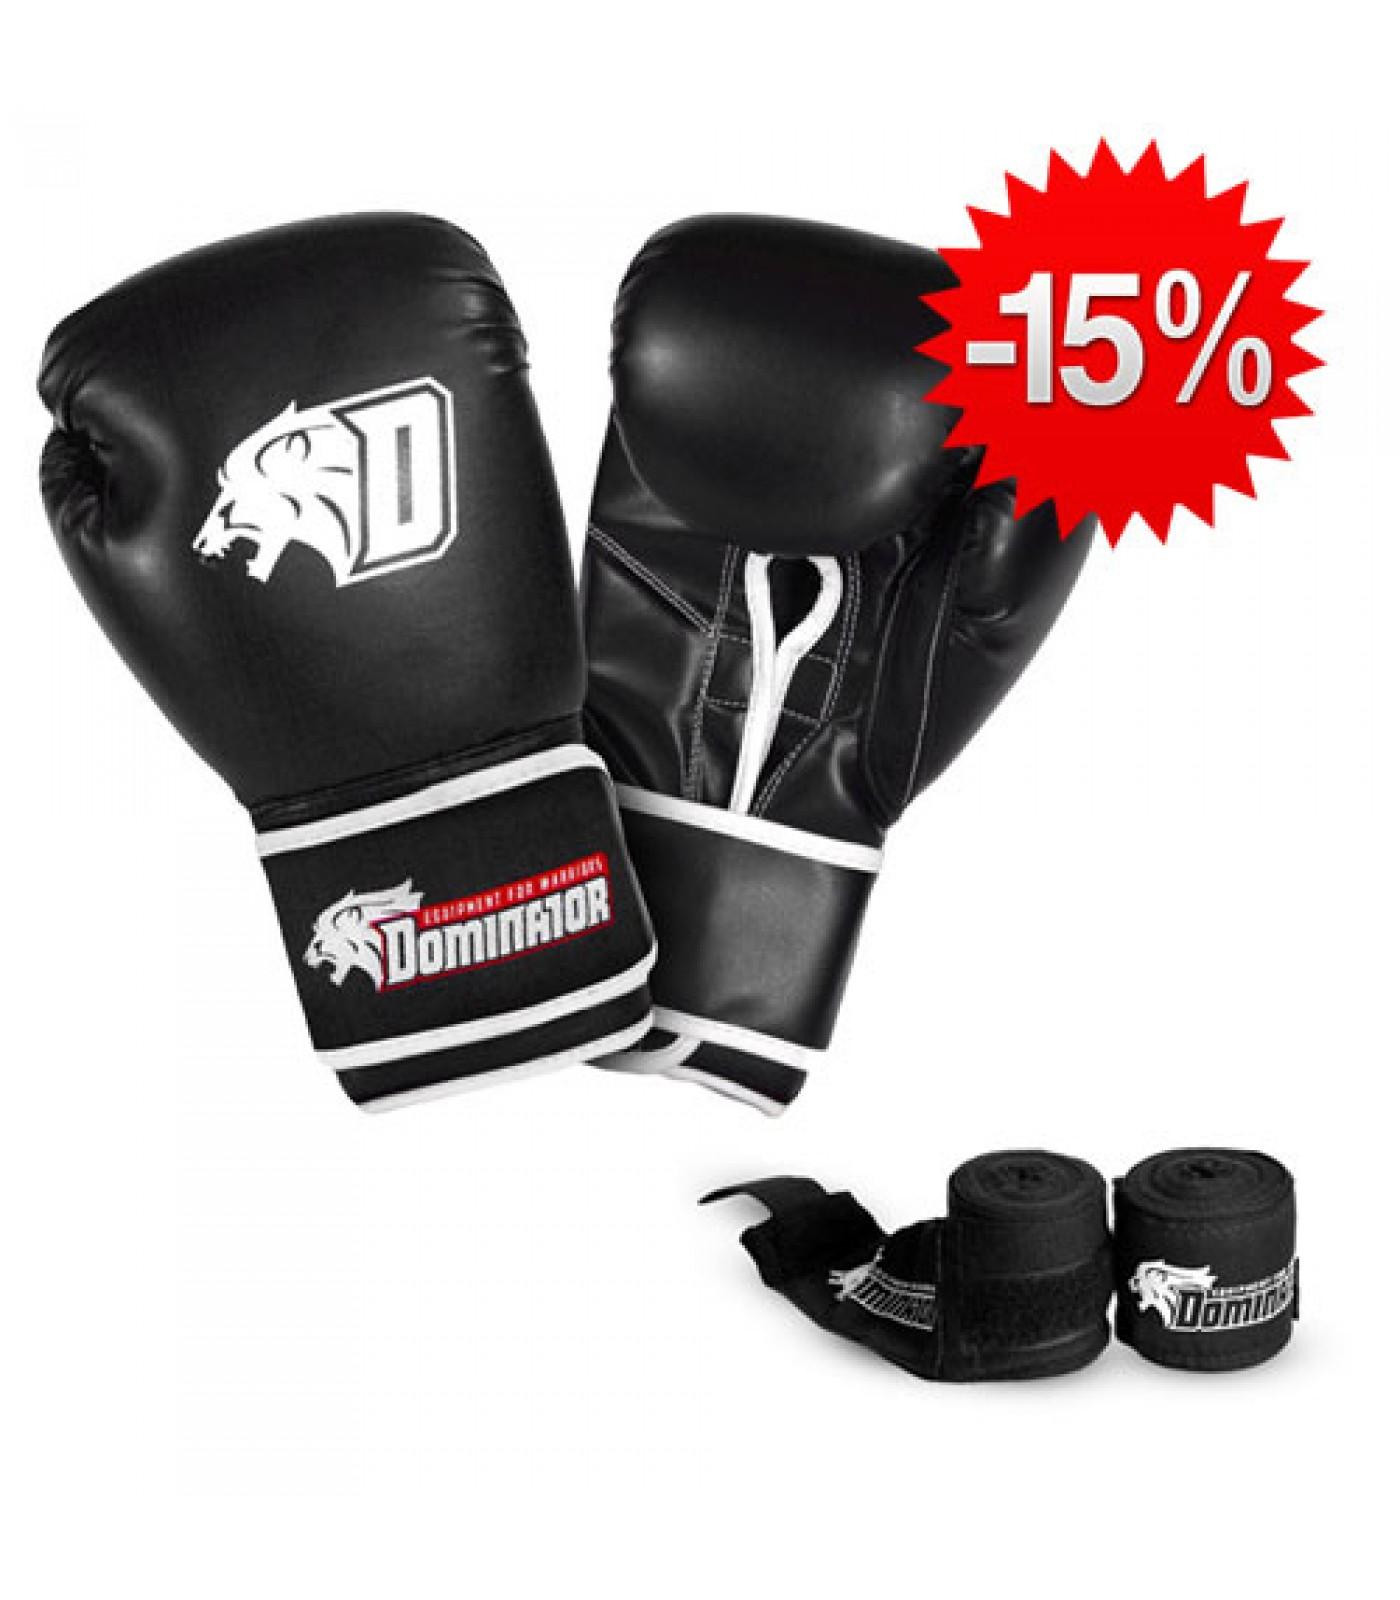 Stack Dominator - Боксови Ръкавци / D Logo - Черни (изк. кожа) + Dominator - Бинт черен / 3.50 метра